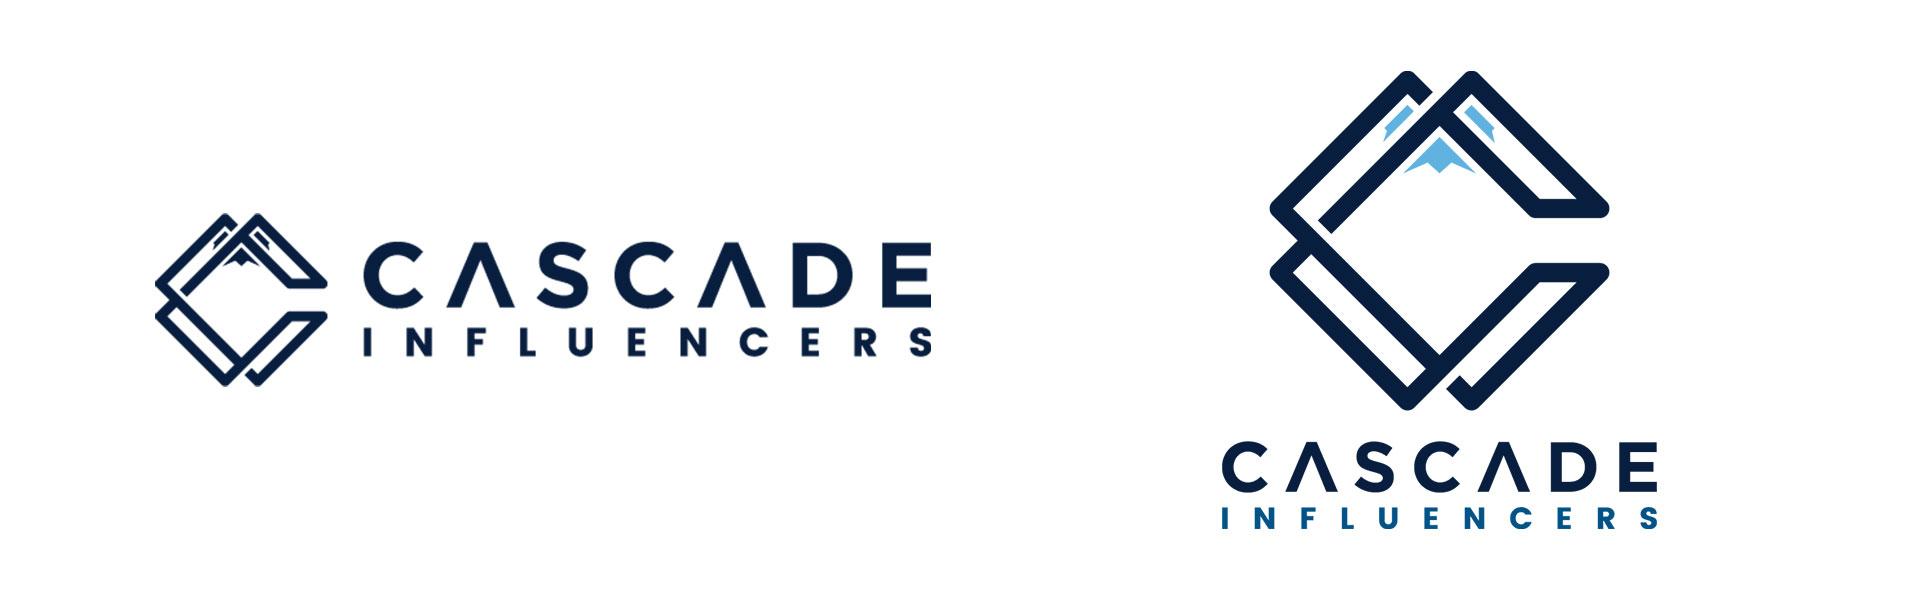 Cascade Influencers Logo Design.